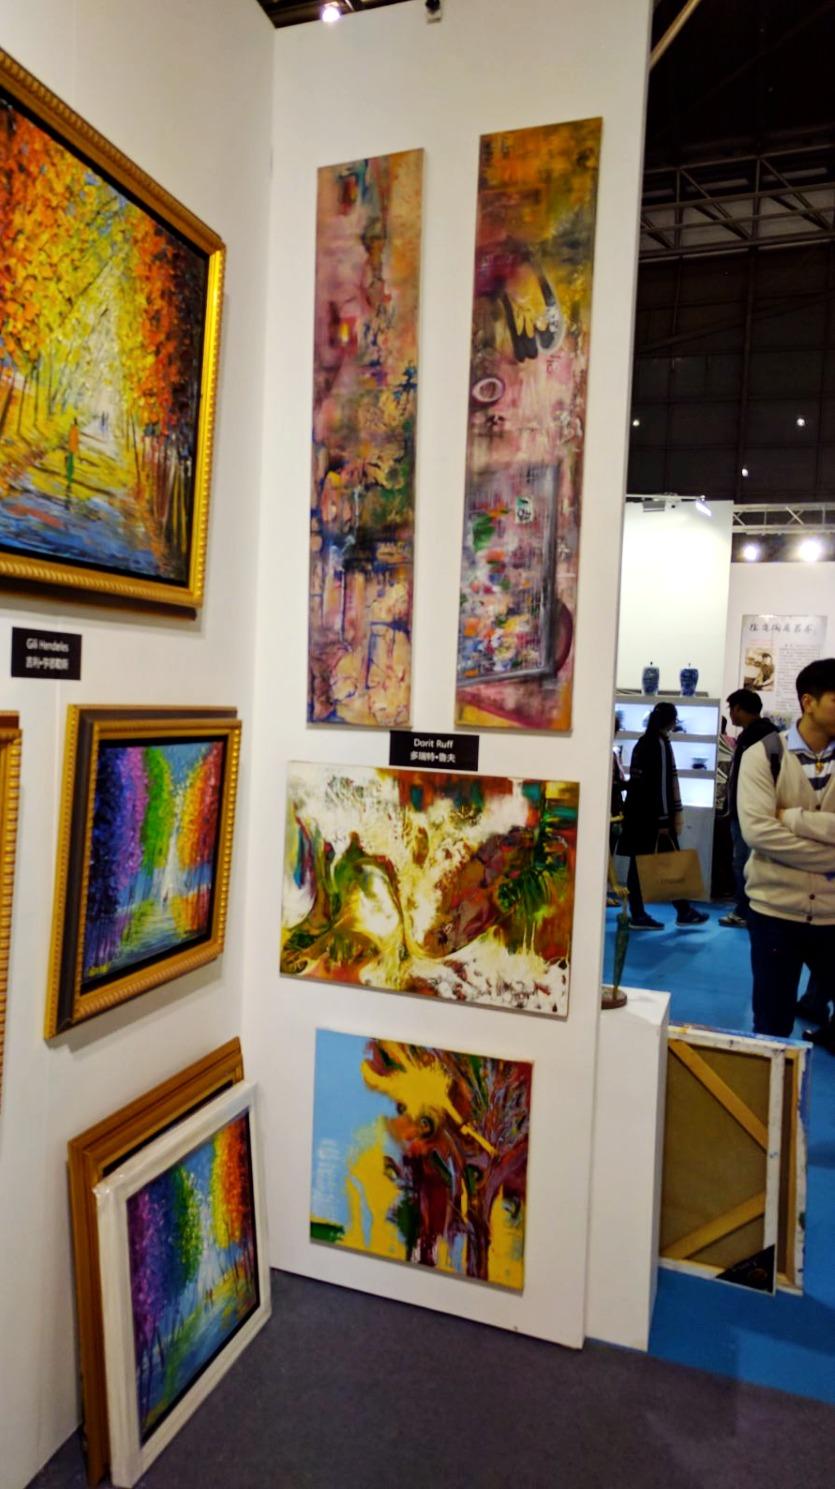 תערוכה בסין 2016